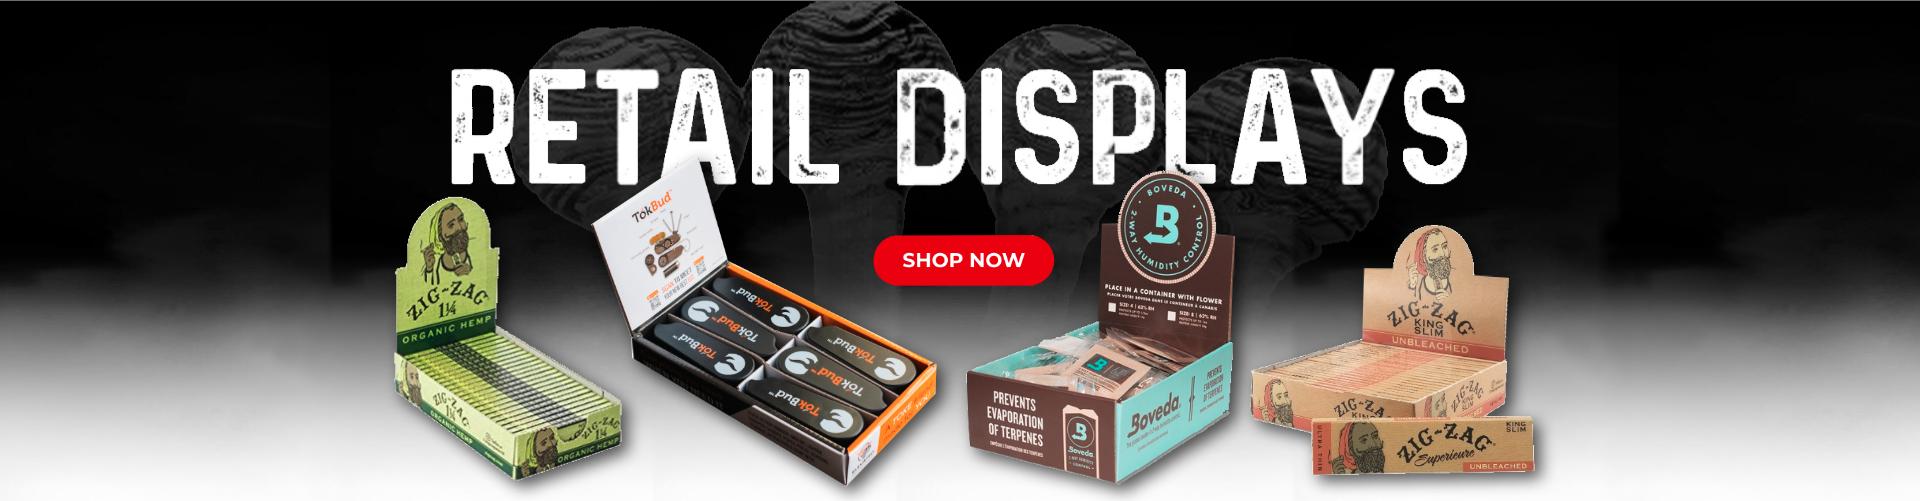 Carousel Image Retail Display Images